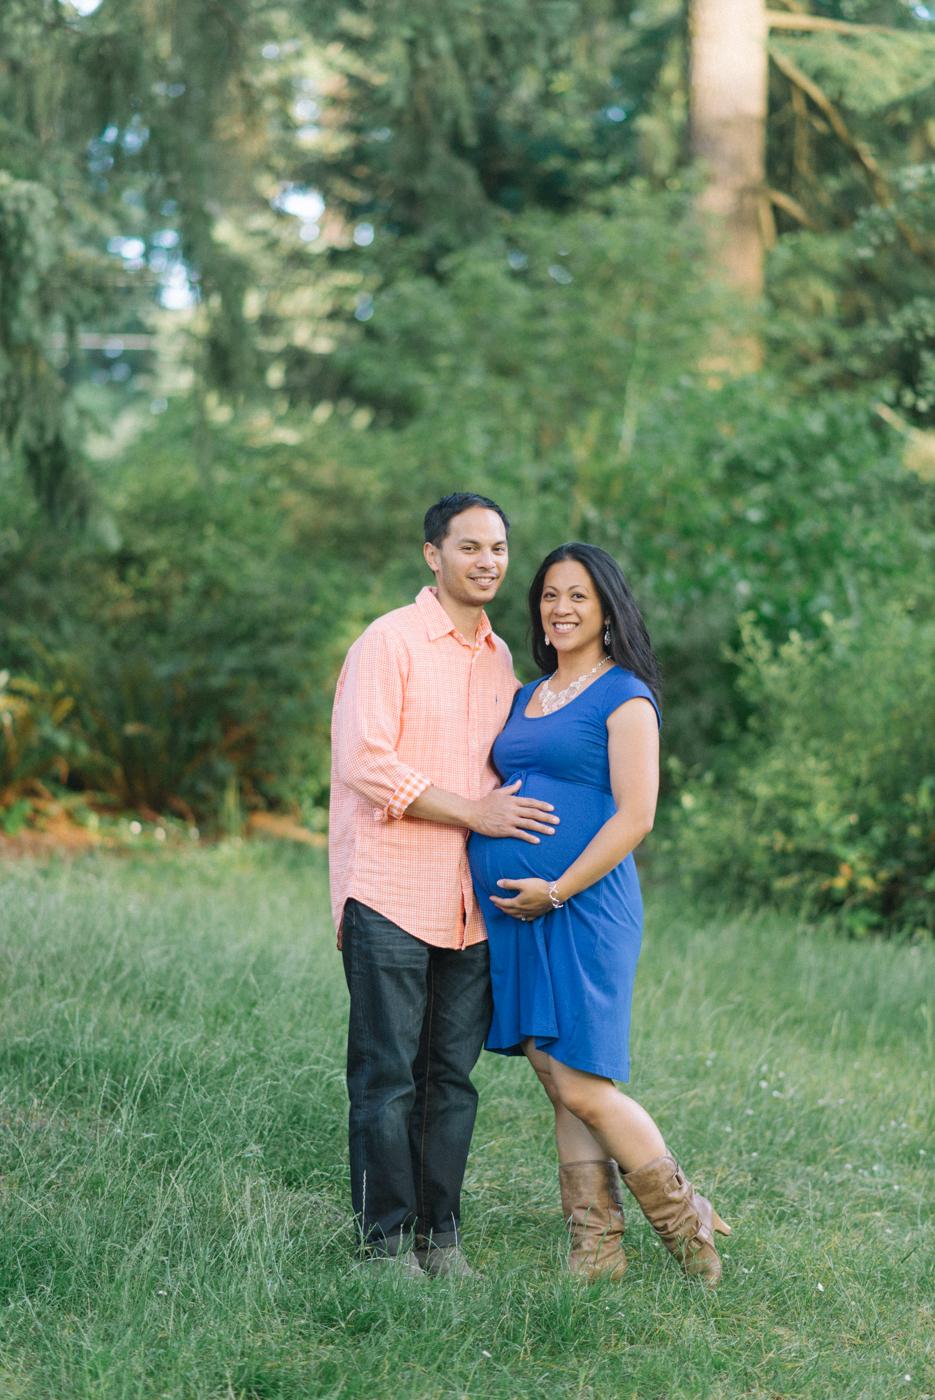 Portland-oregon-maternity-photography-couple-Hoyt-Arboretum-Washington-Park-professional-family-session-photos-natural-woodland-20